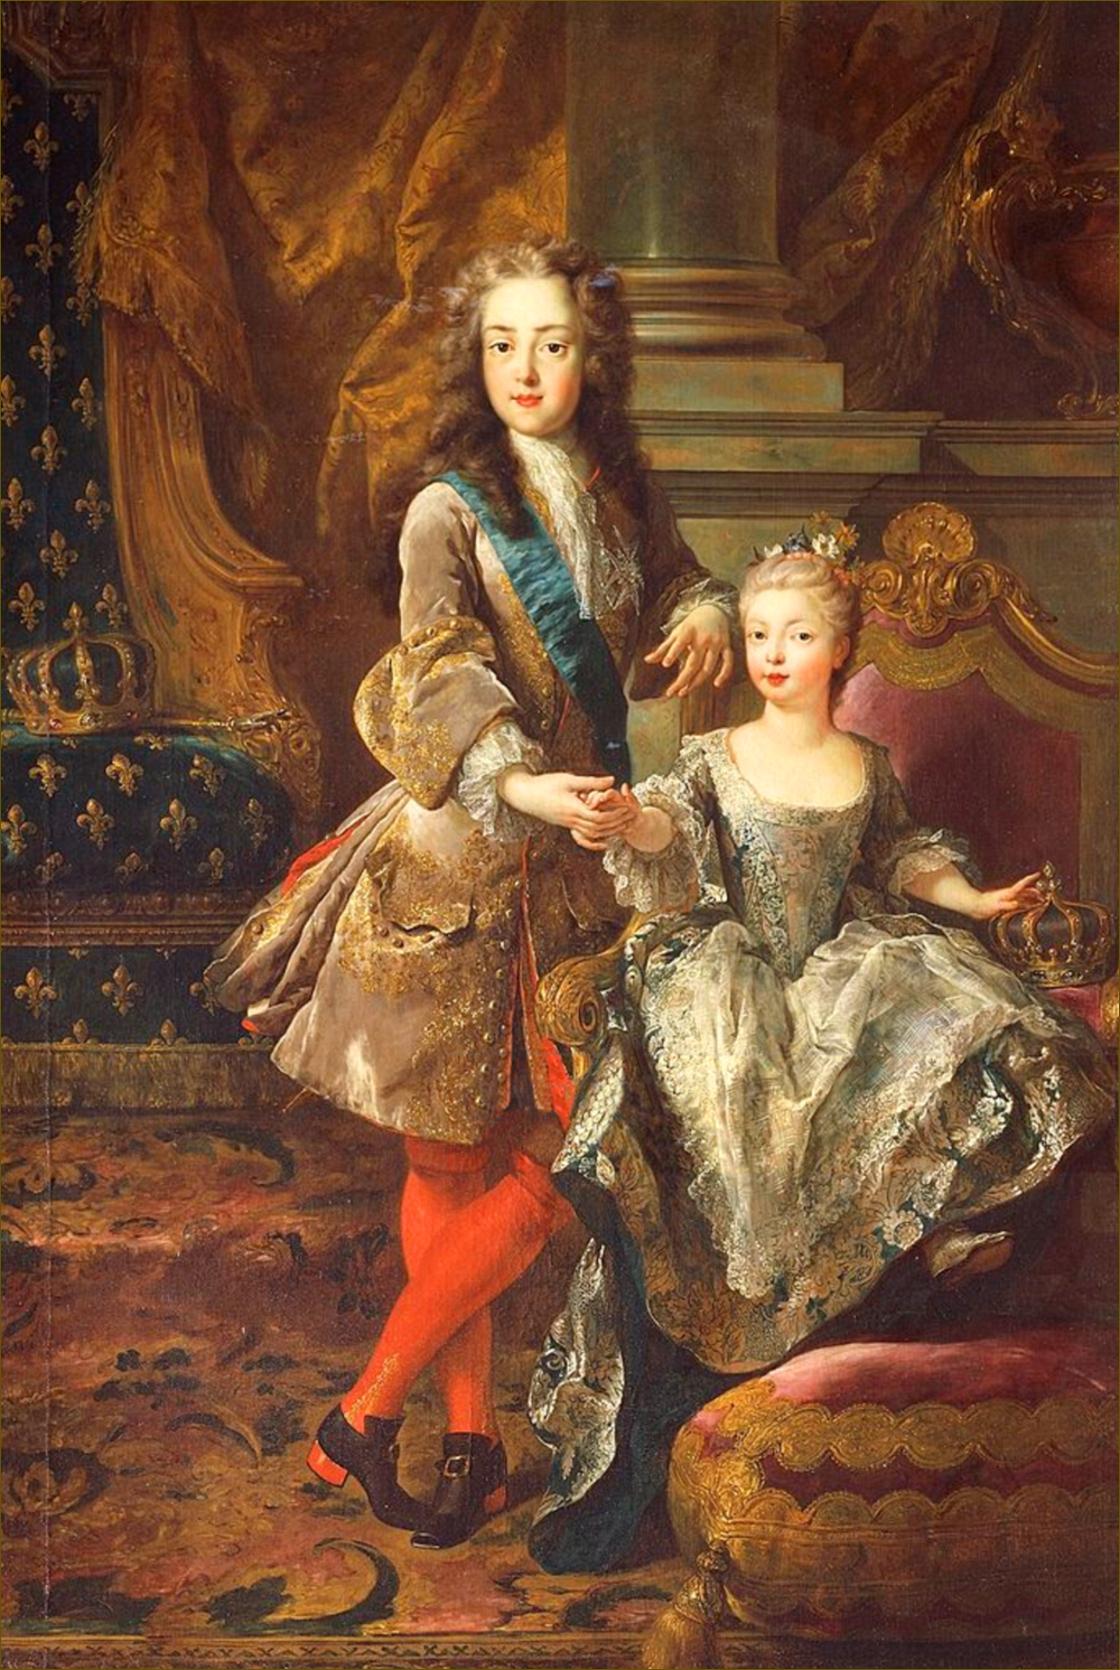 Louis XV, roi de France, âgé de 13 ans, en 1723, avec sa fiancée Marie-Anne-Victoire de Bourbon, infante d'Espagne, par De Troy